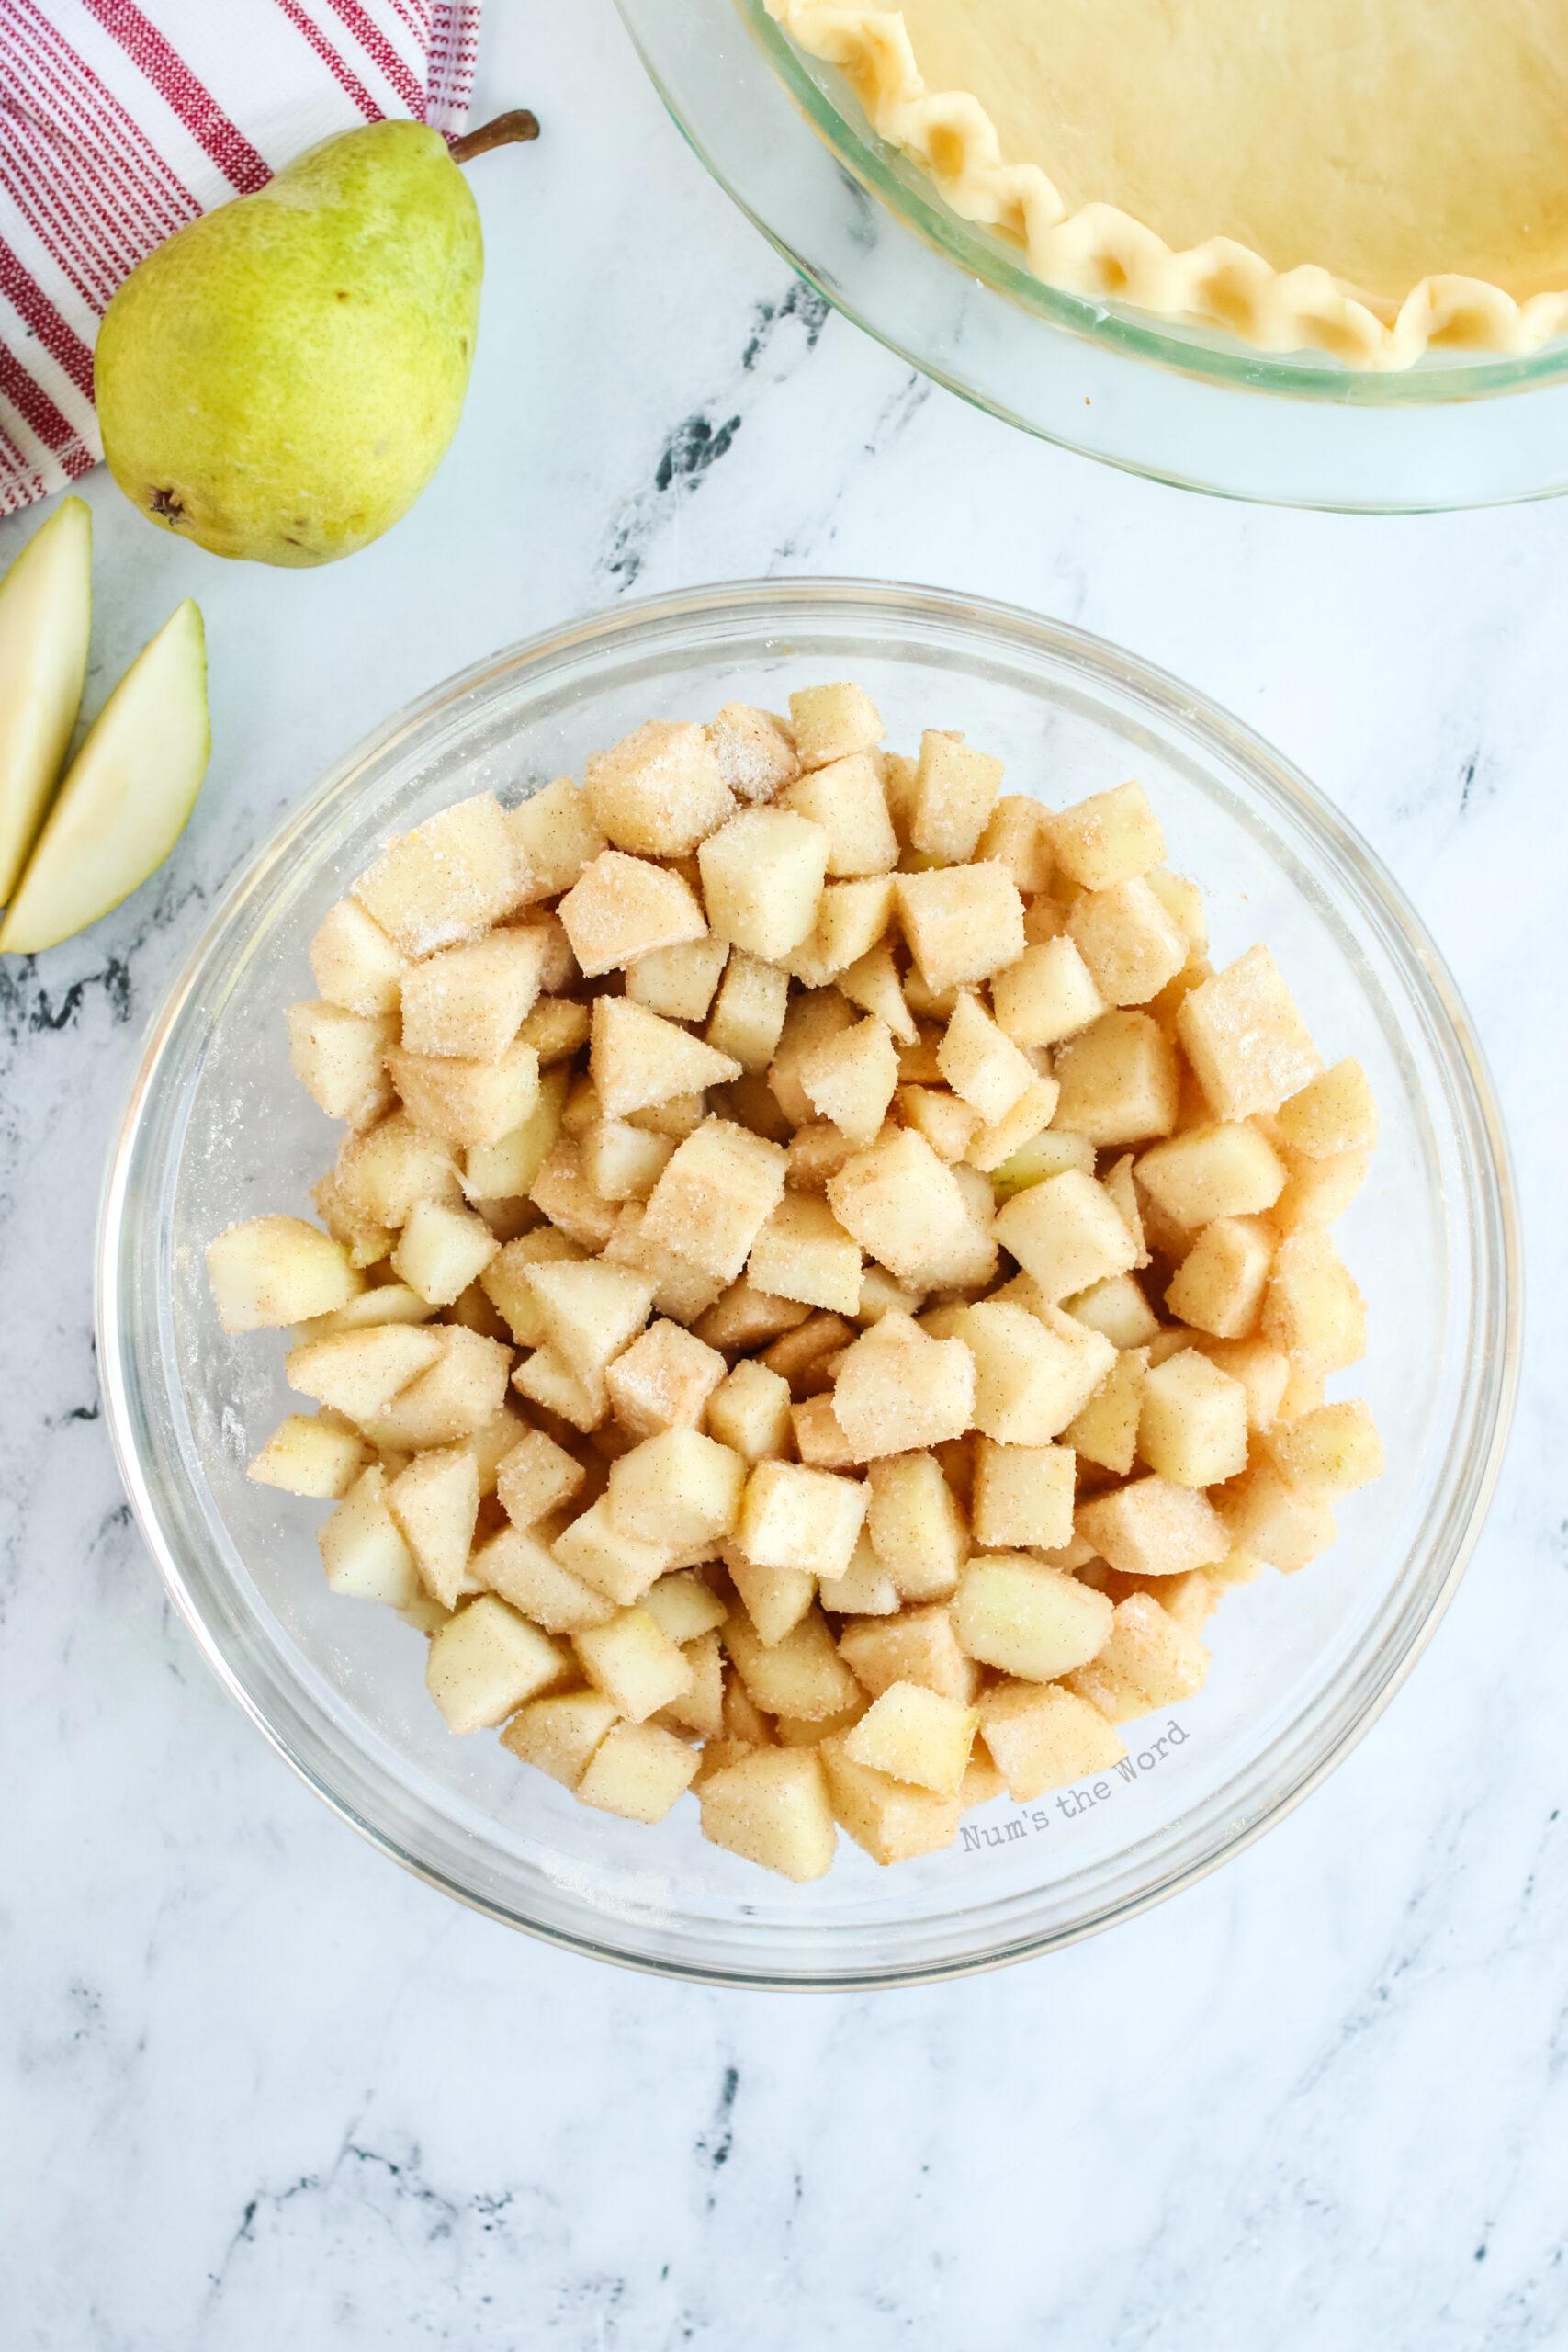 cinnamon mixture stirred into sliced pears